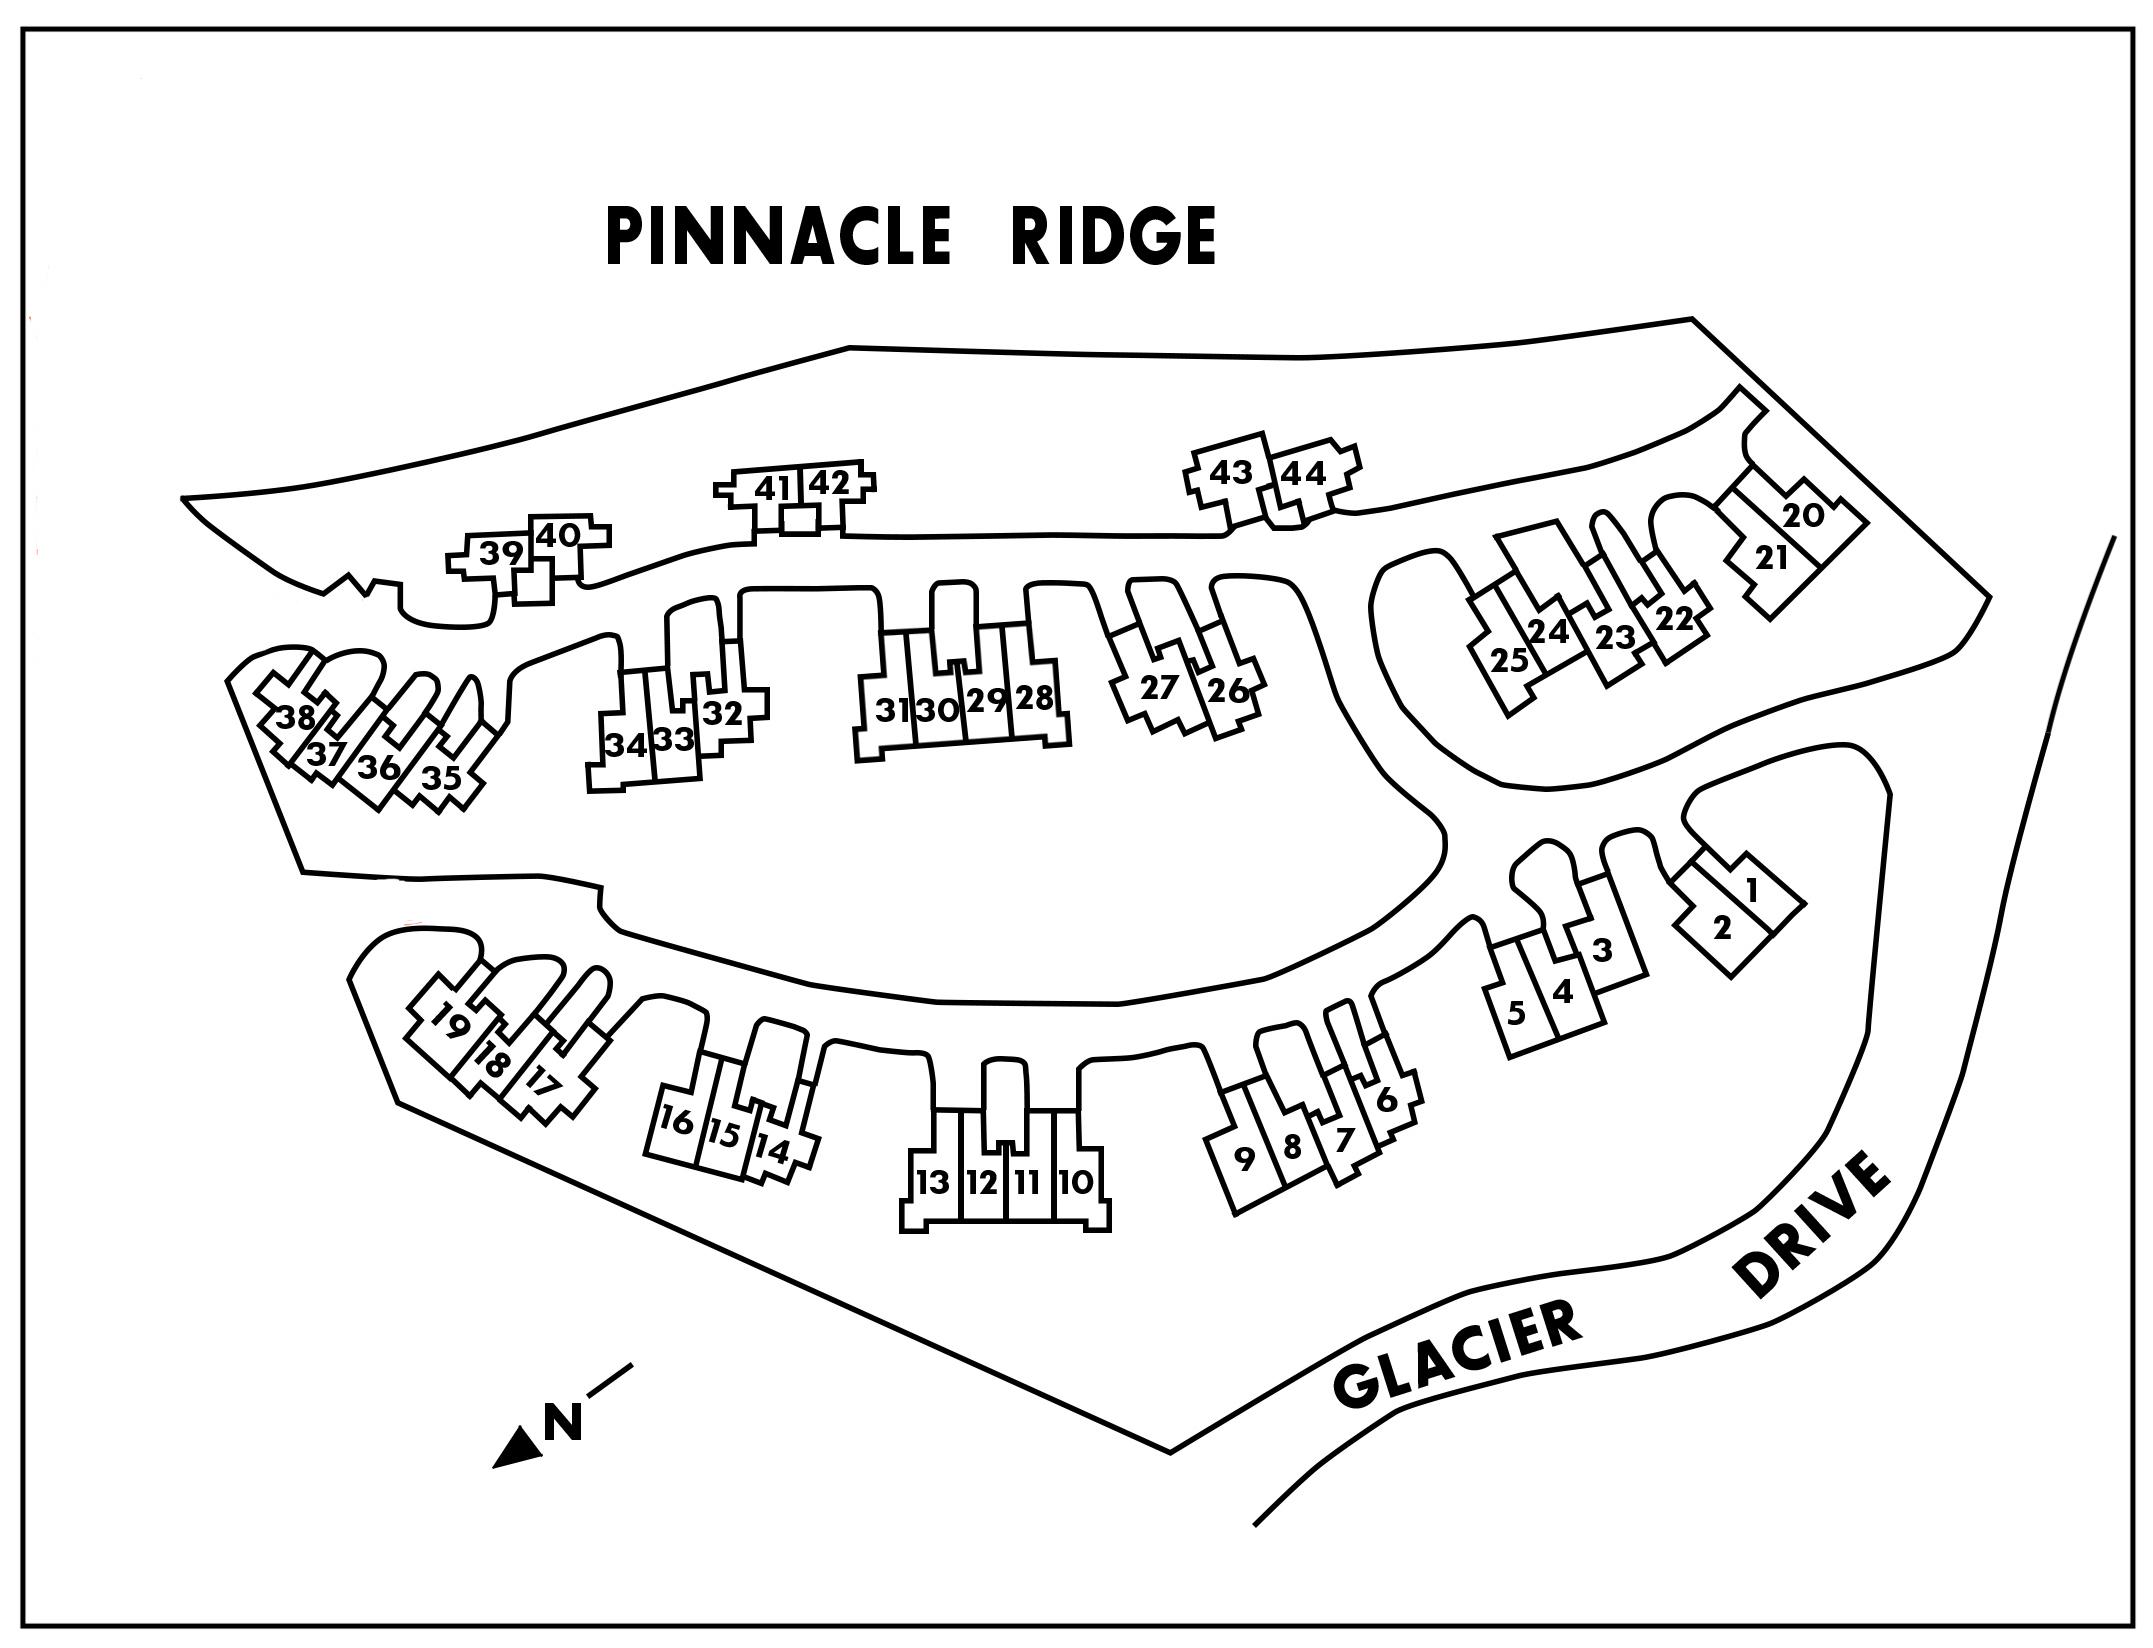 Pinnacle Ridge site plan